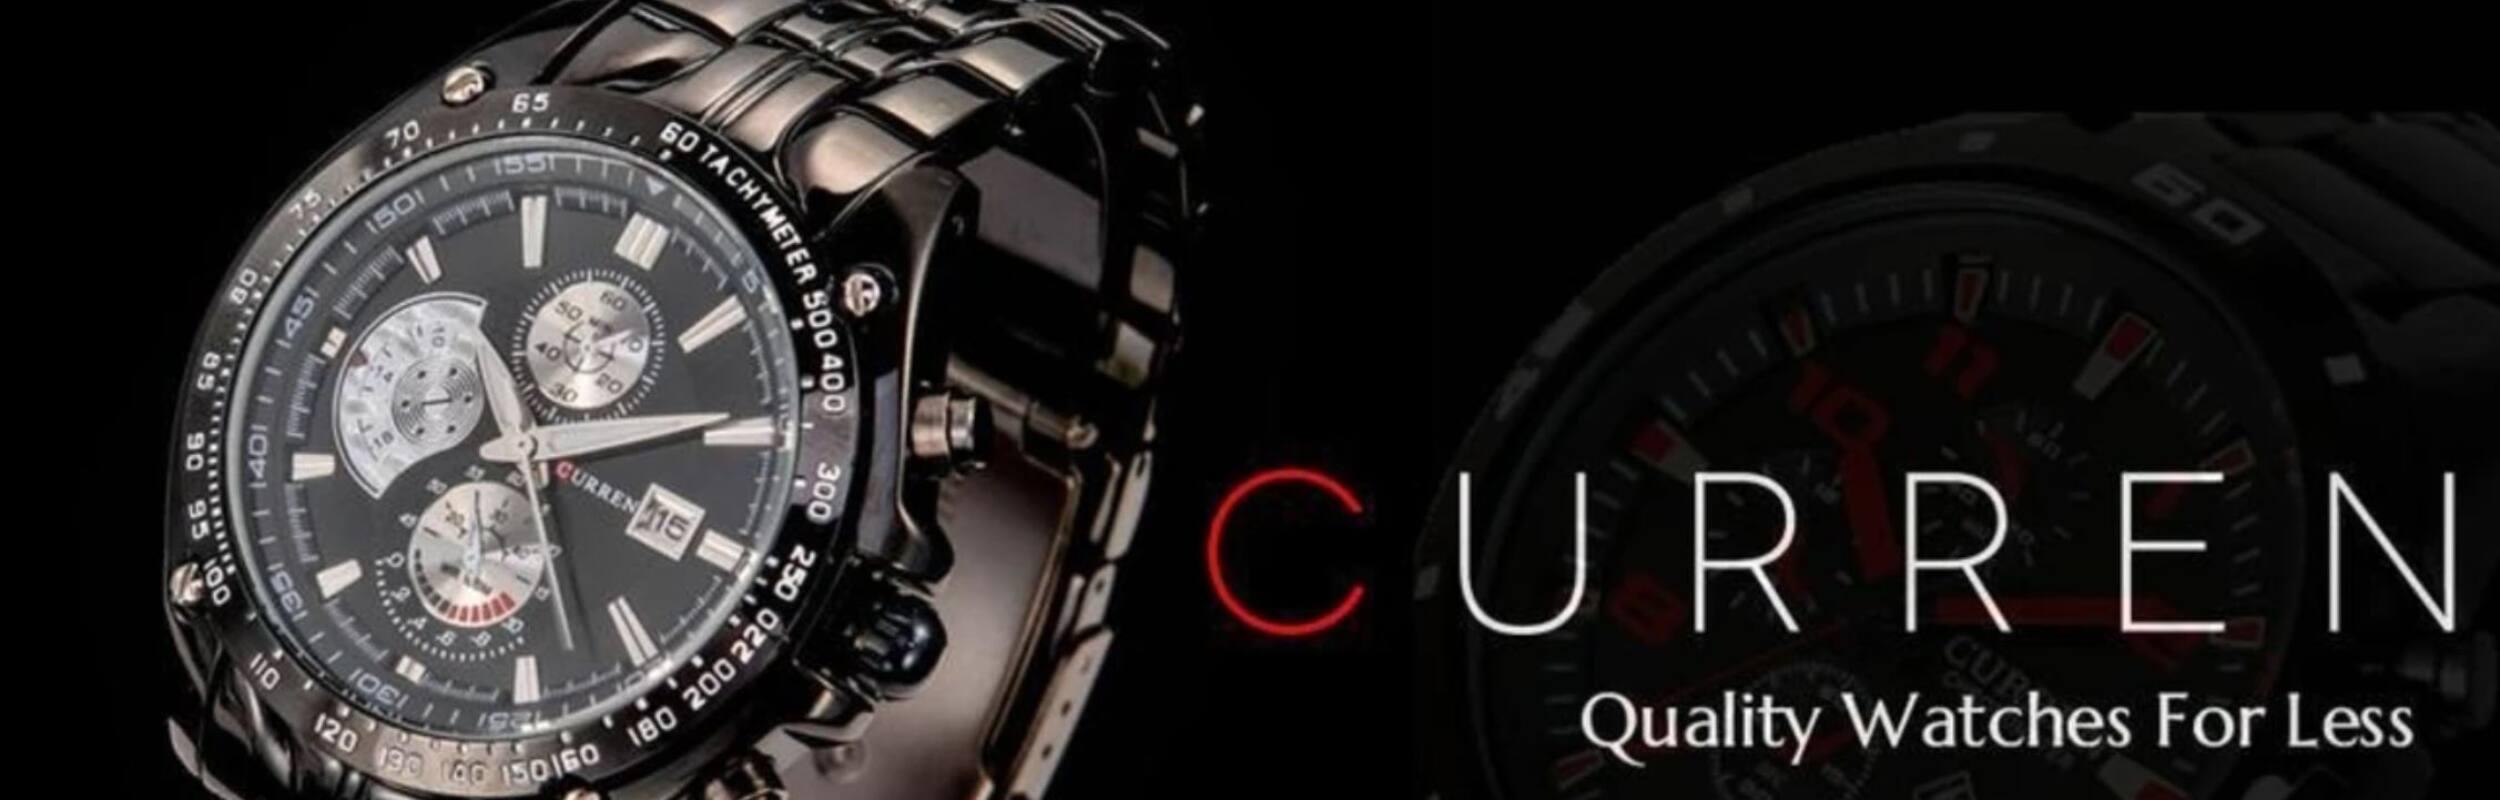 Quien fabrica los relojes Curren